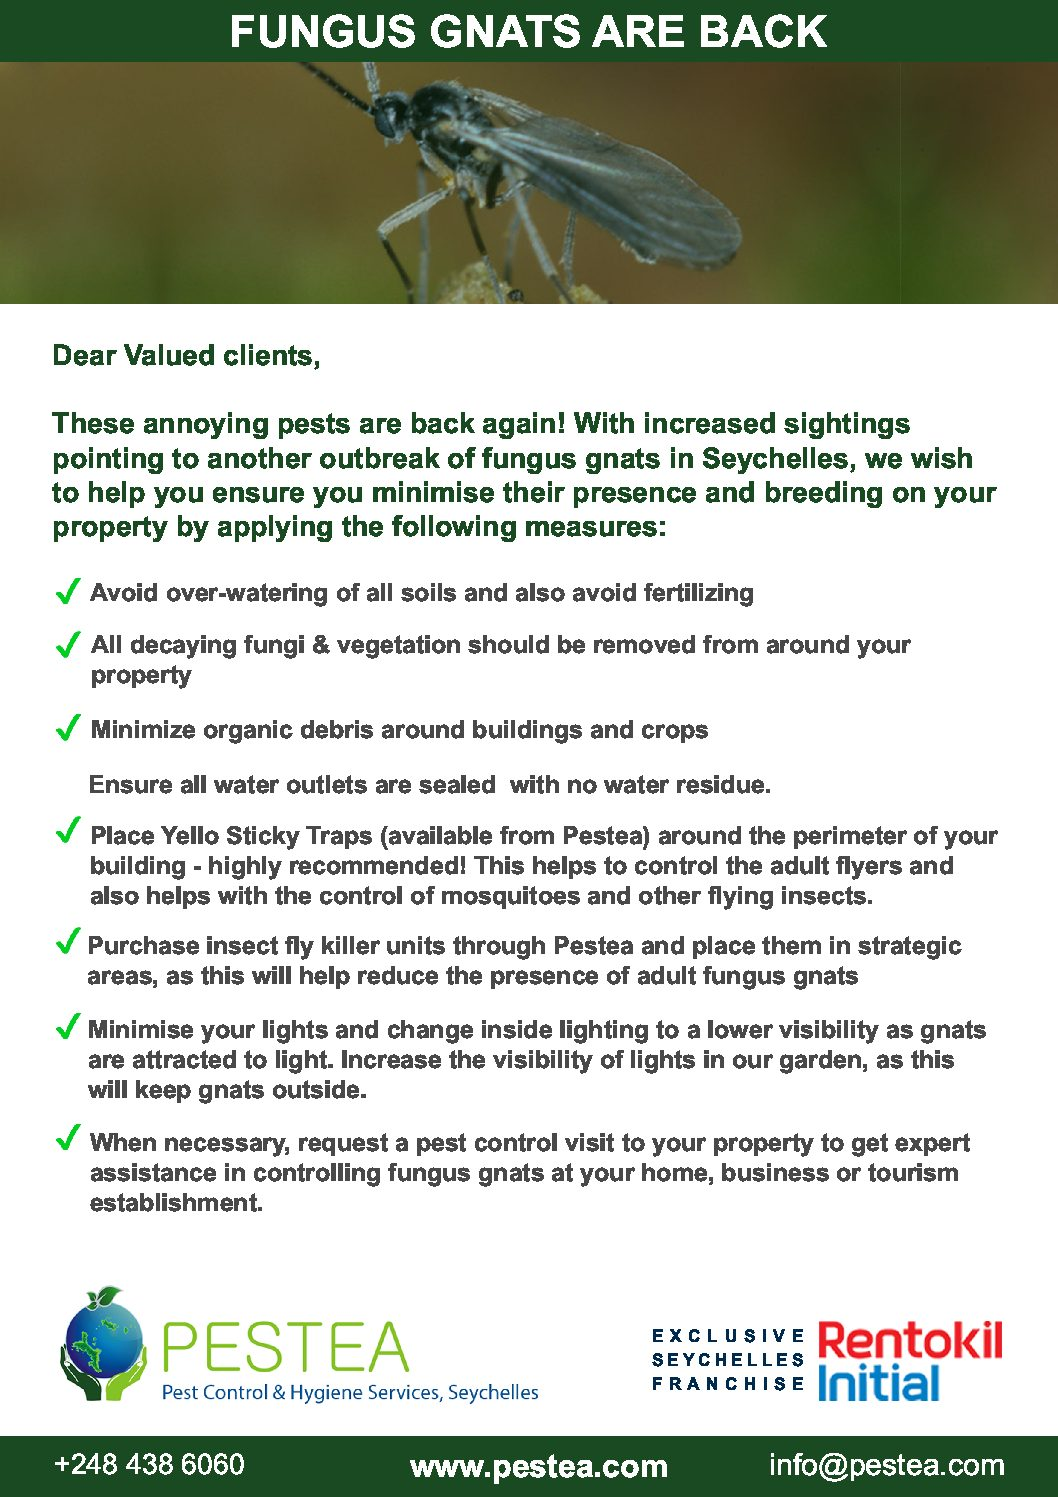 Download Fungus Gnat Control Checklist